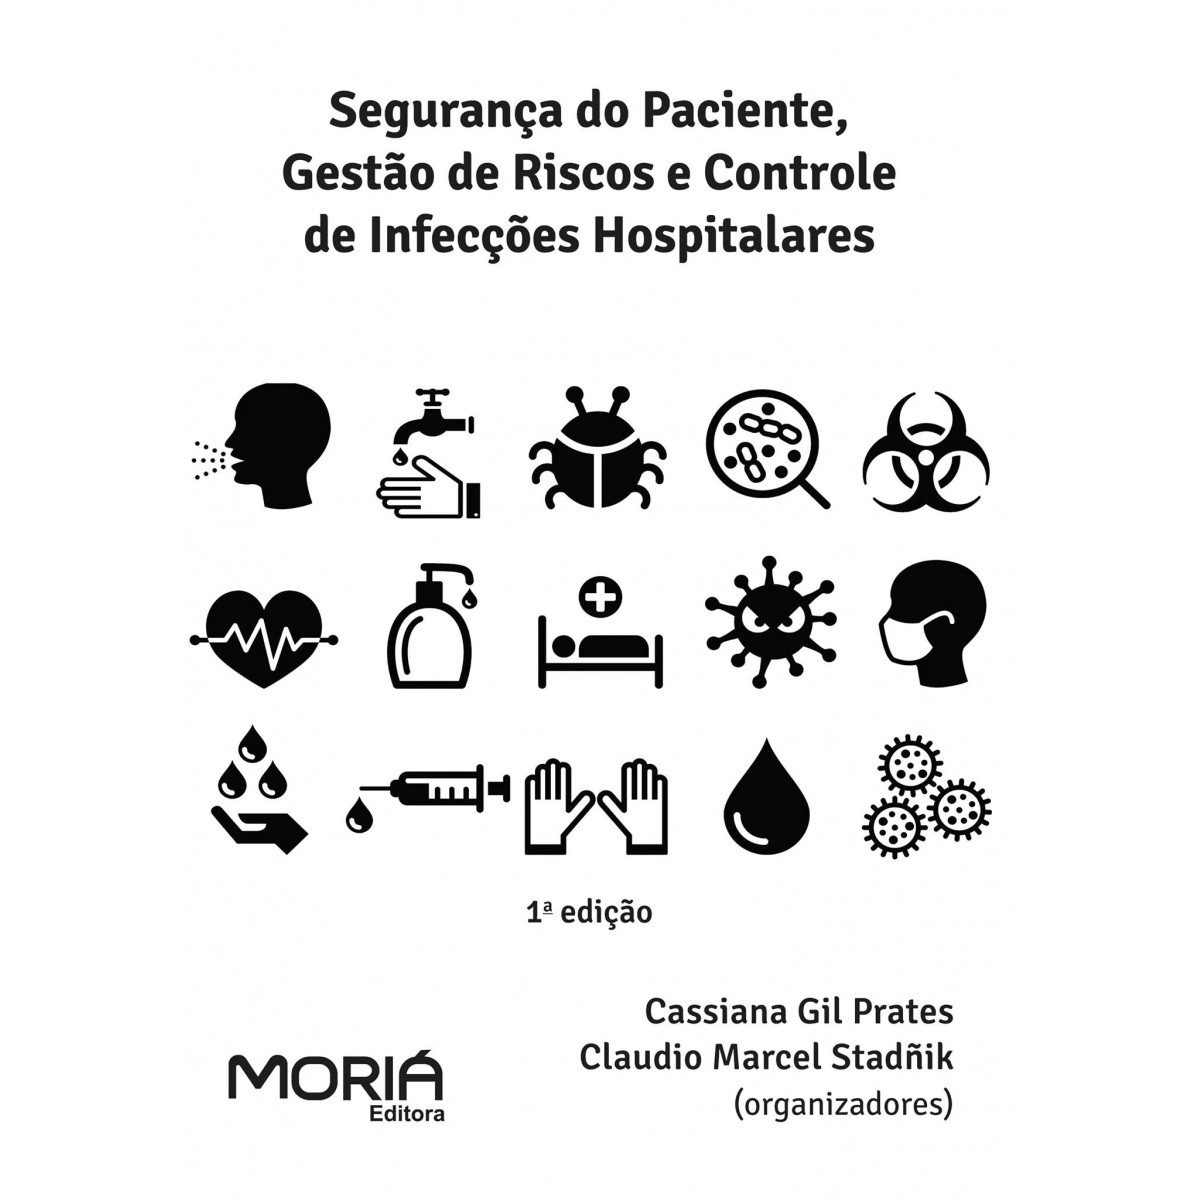 Segurança do paciente, gestão de riscos e controle de infecções hospitalares.